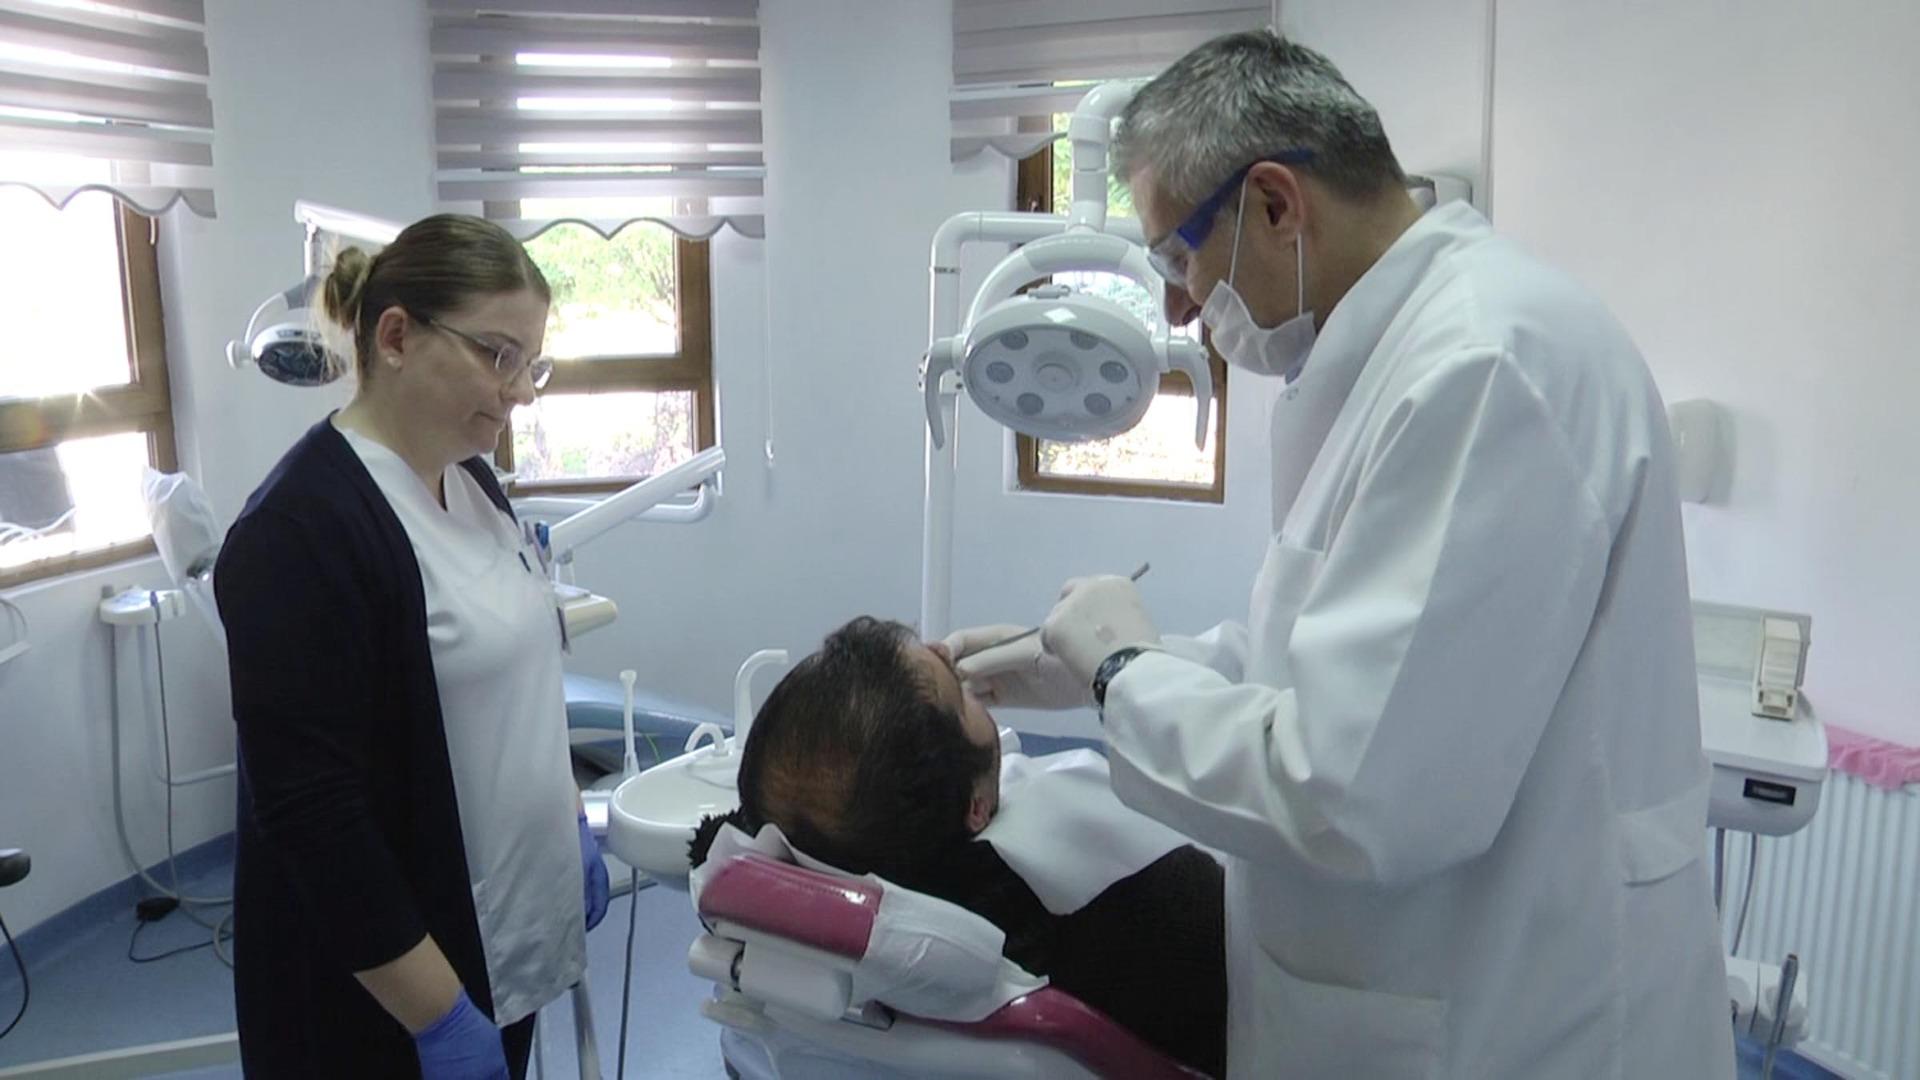 Gölbaşı Belediyesinden ücretsiz diş sağlığı hizmeti